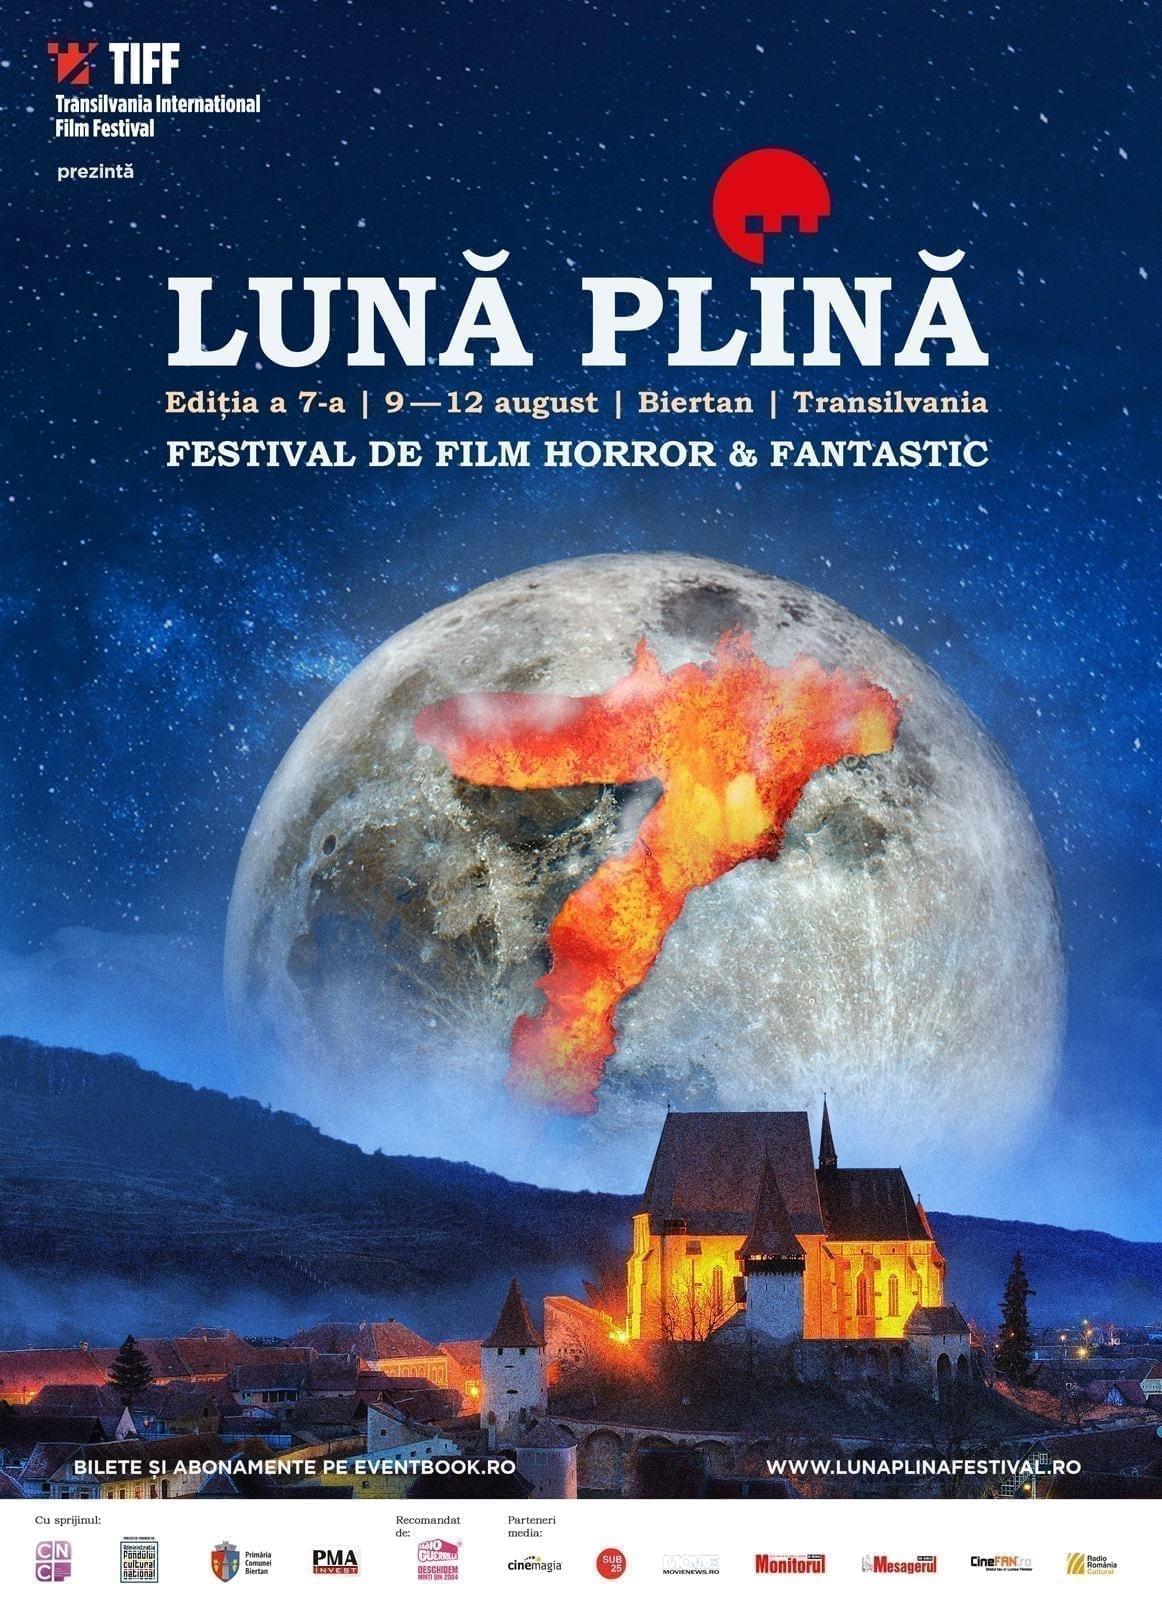 Șapte călătorii de coșmar la Lună Plină 7